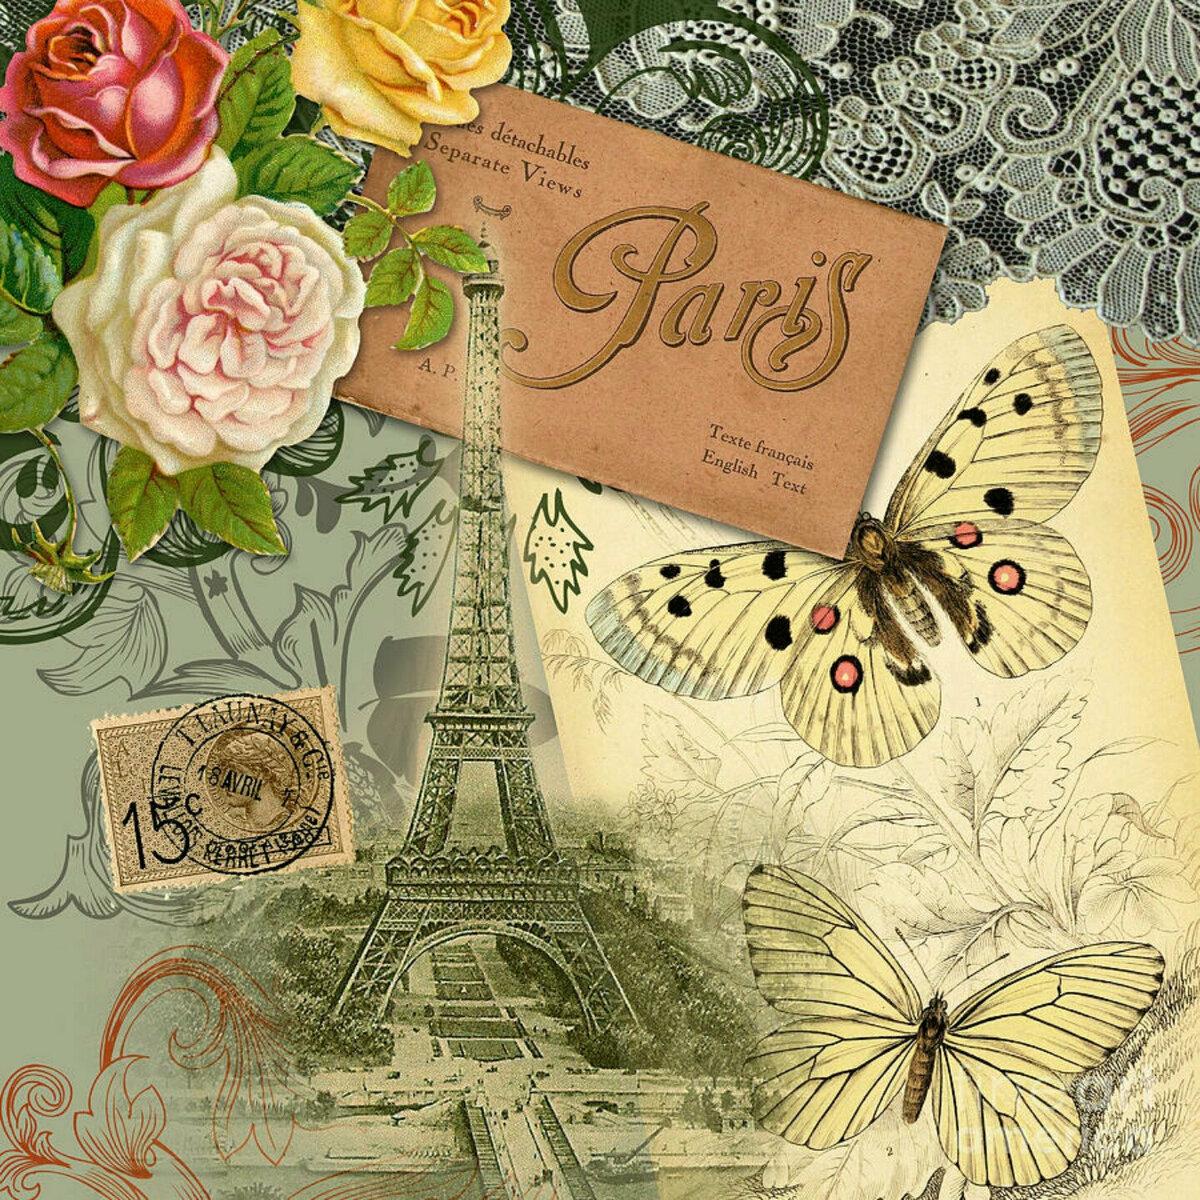 Скрапбукинг красивые картинки для открыток